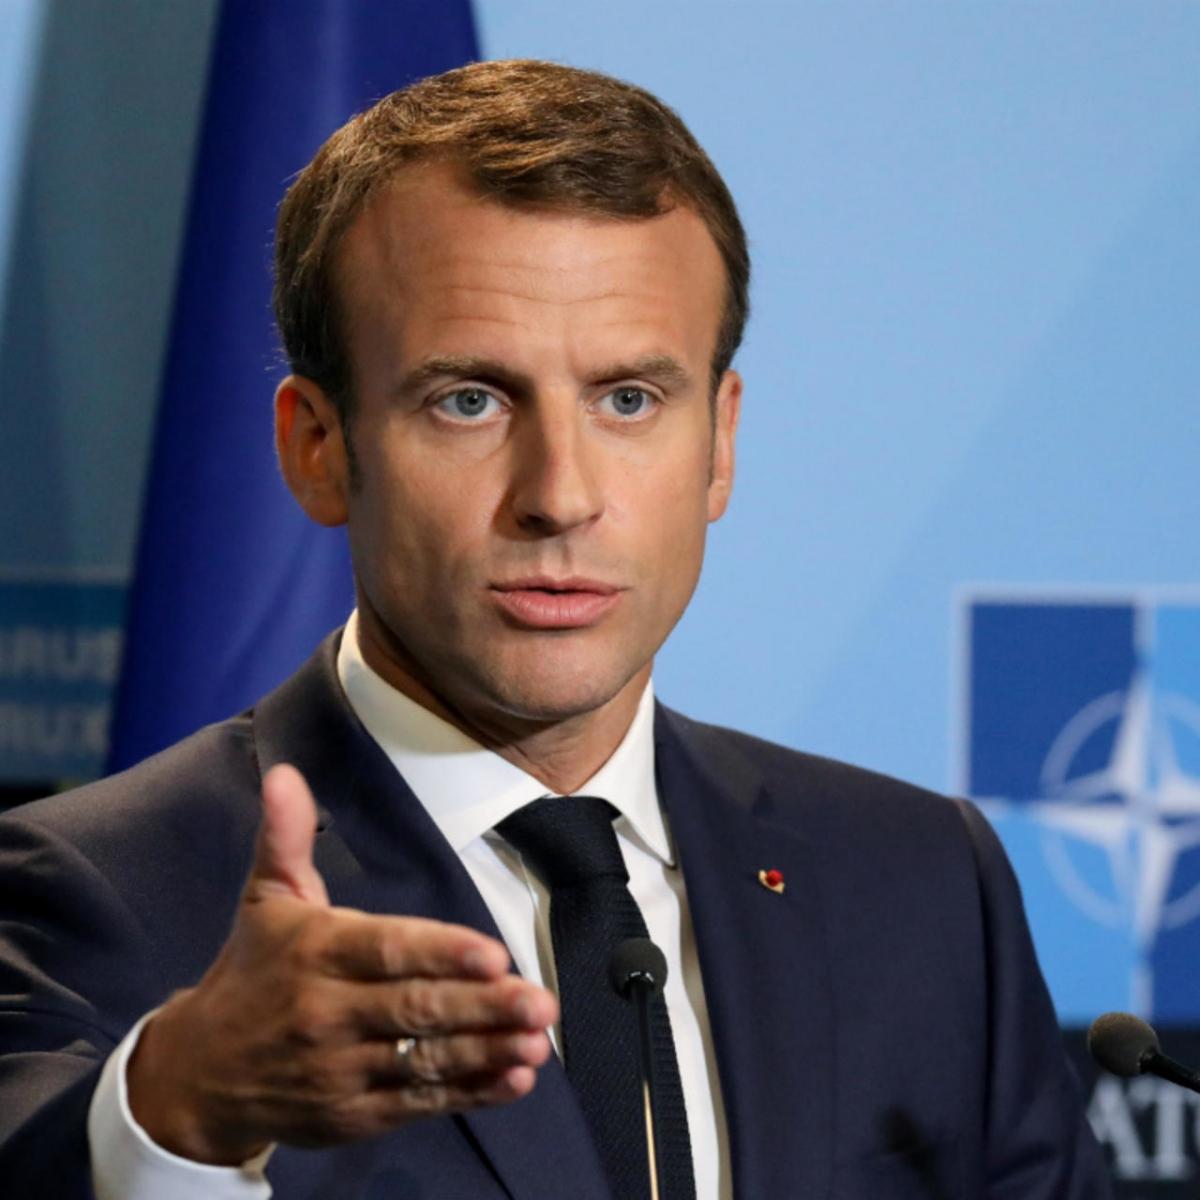 Tổng thống Pháp Emmanuel Macron. (Ảnh: Reuters)